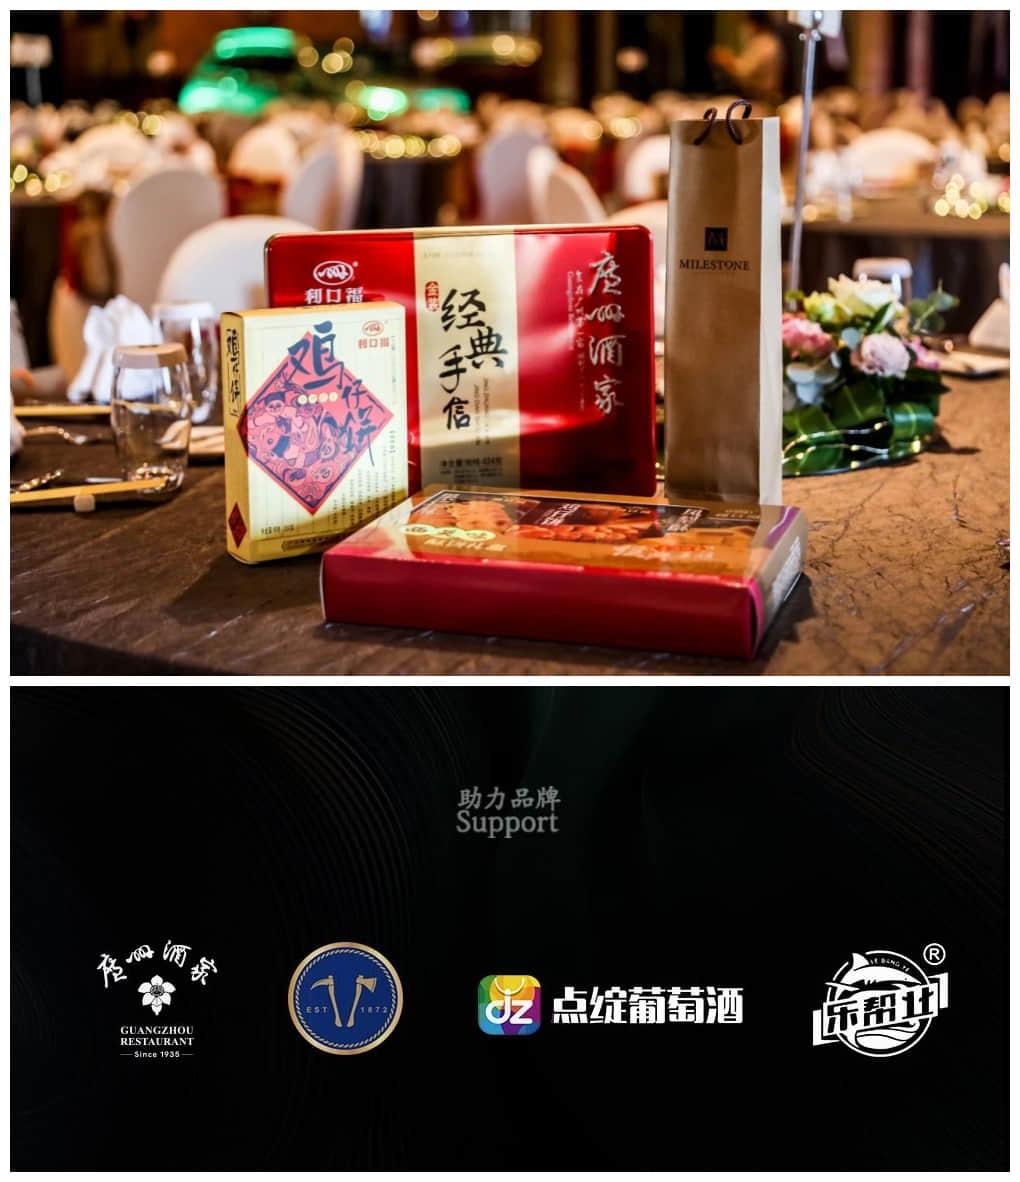 赞助商广州酒家,点绽葡萄酒,轩唛XO以及乐帮业贸易(排名不分先后)